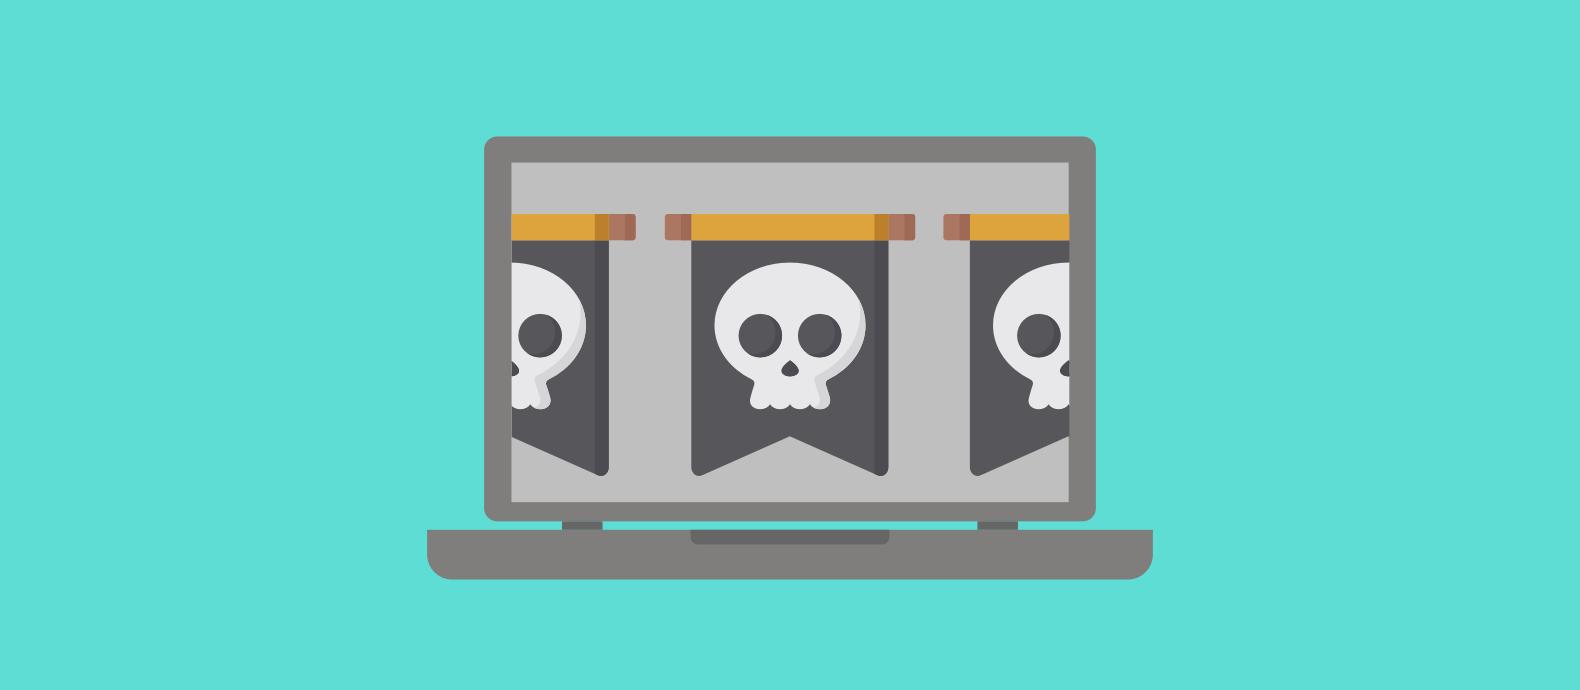 Laptop displaying software piracy